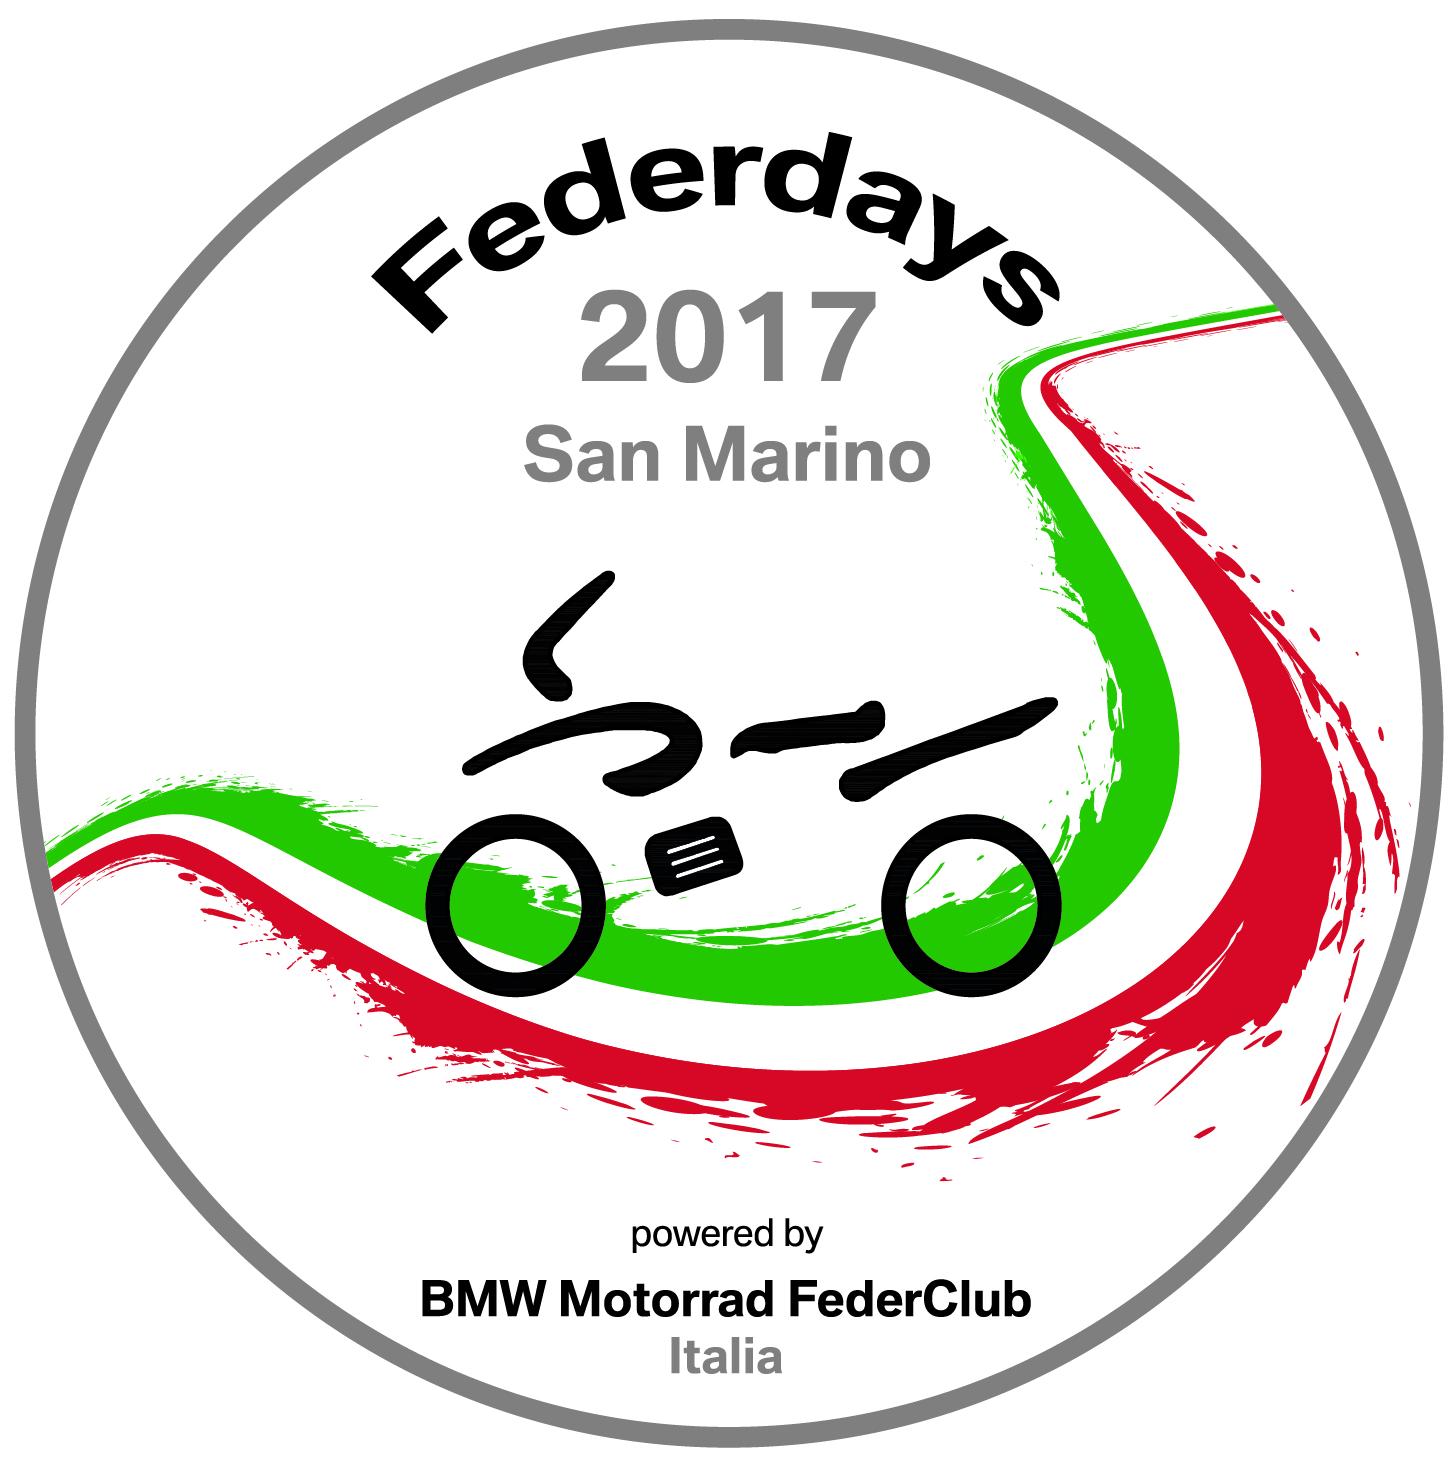 17.05.20_Federdays_logo-01